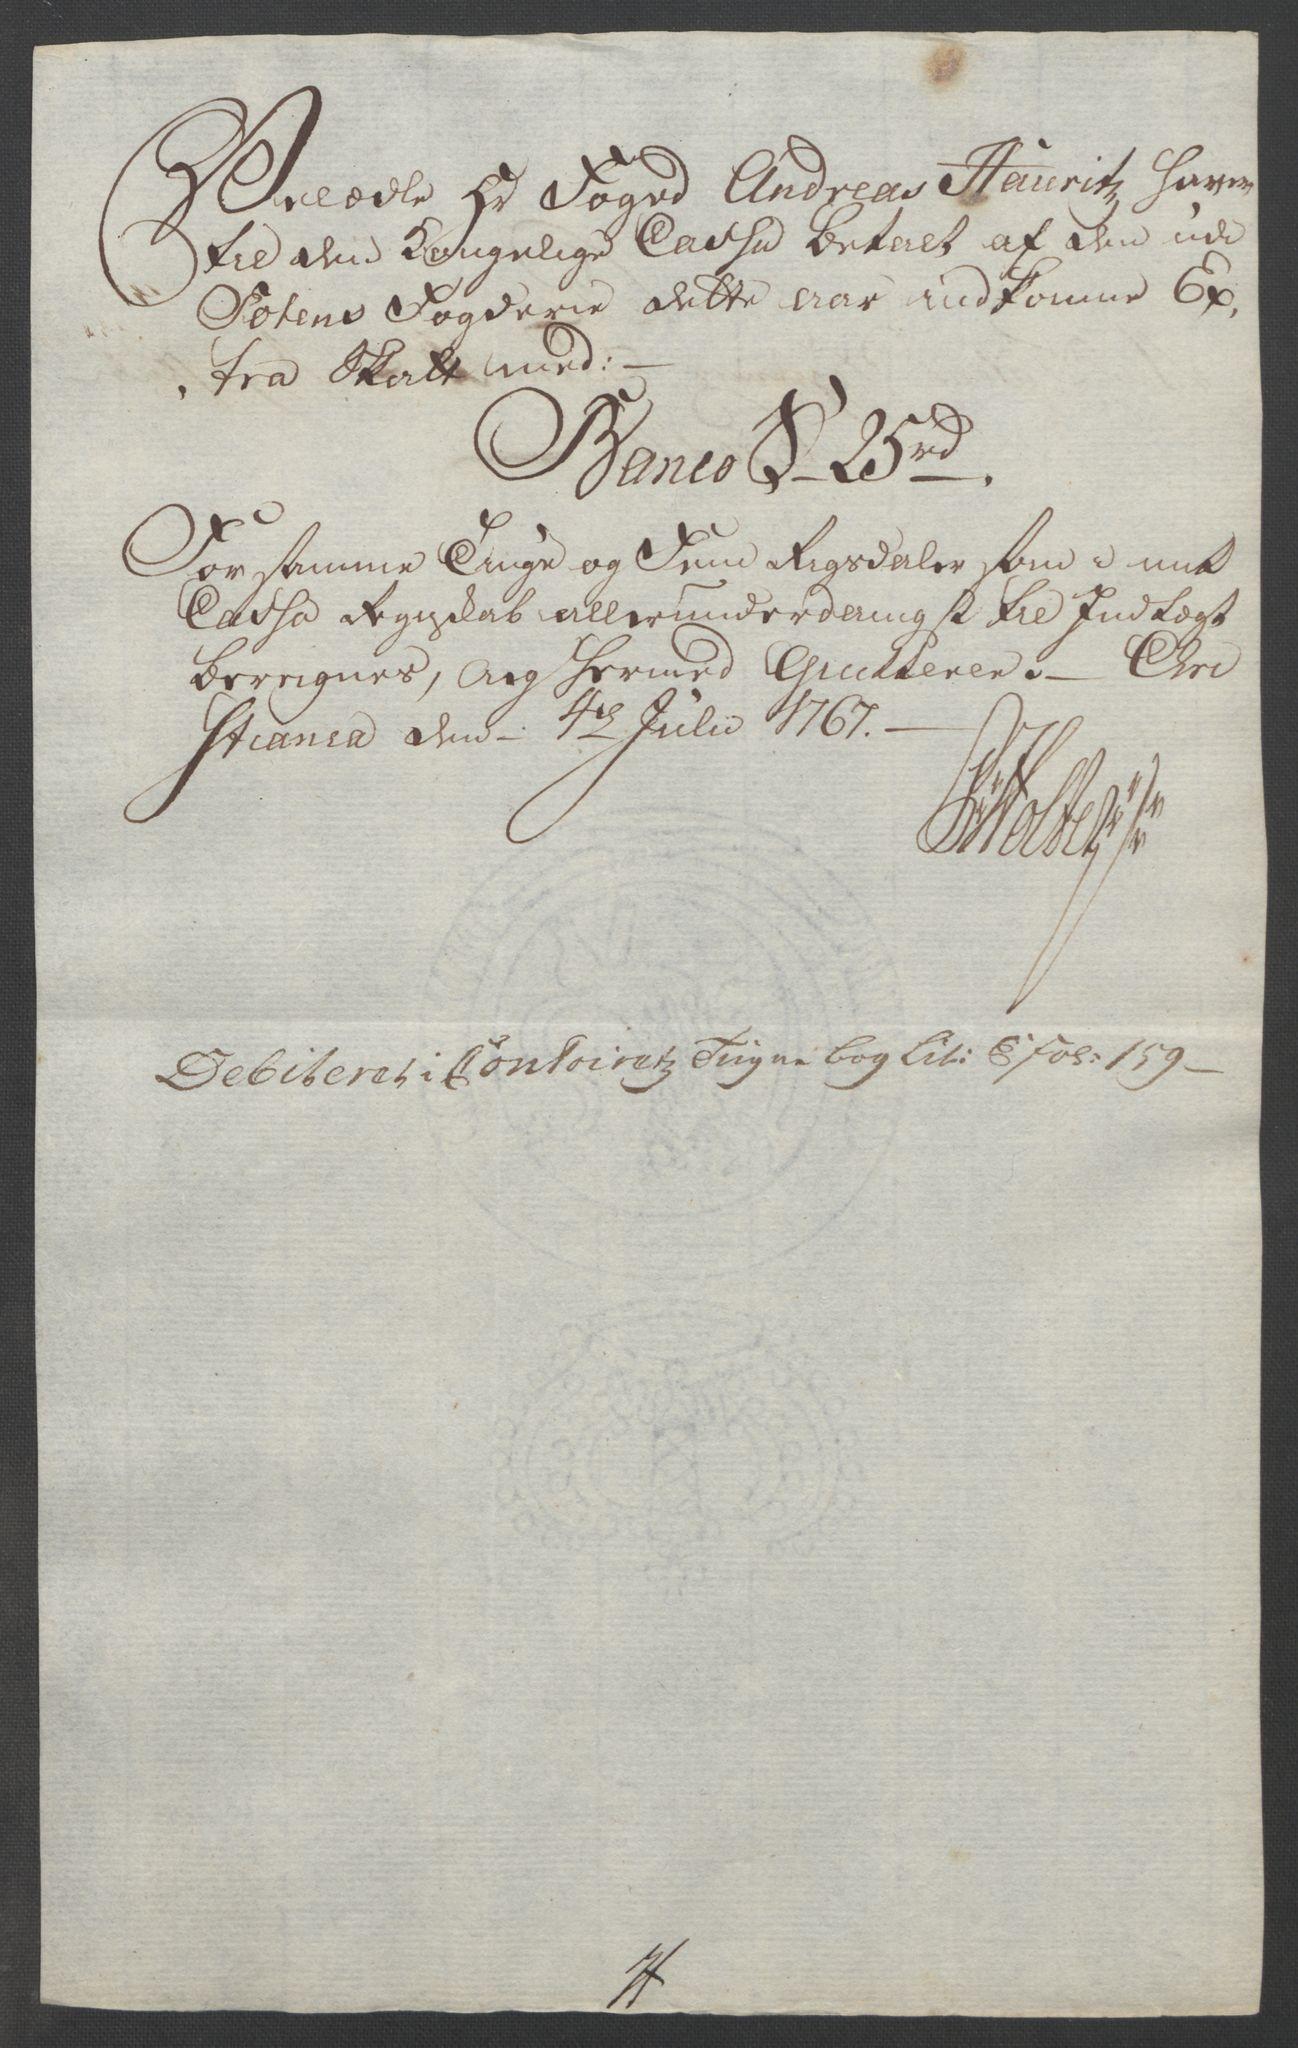 RA, Rentekammeret inntil 1814, Reviderte regnskaper, Fogderegnskap, R19/L1399: Fogderegnskap Toten, Hadeland og Vardal, 1762-1783, s. 121